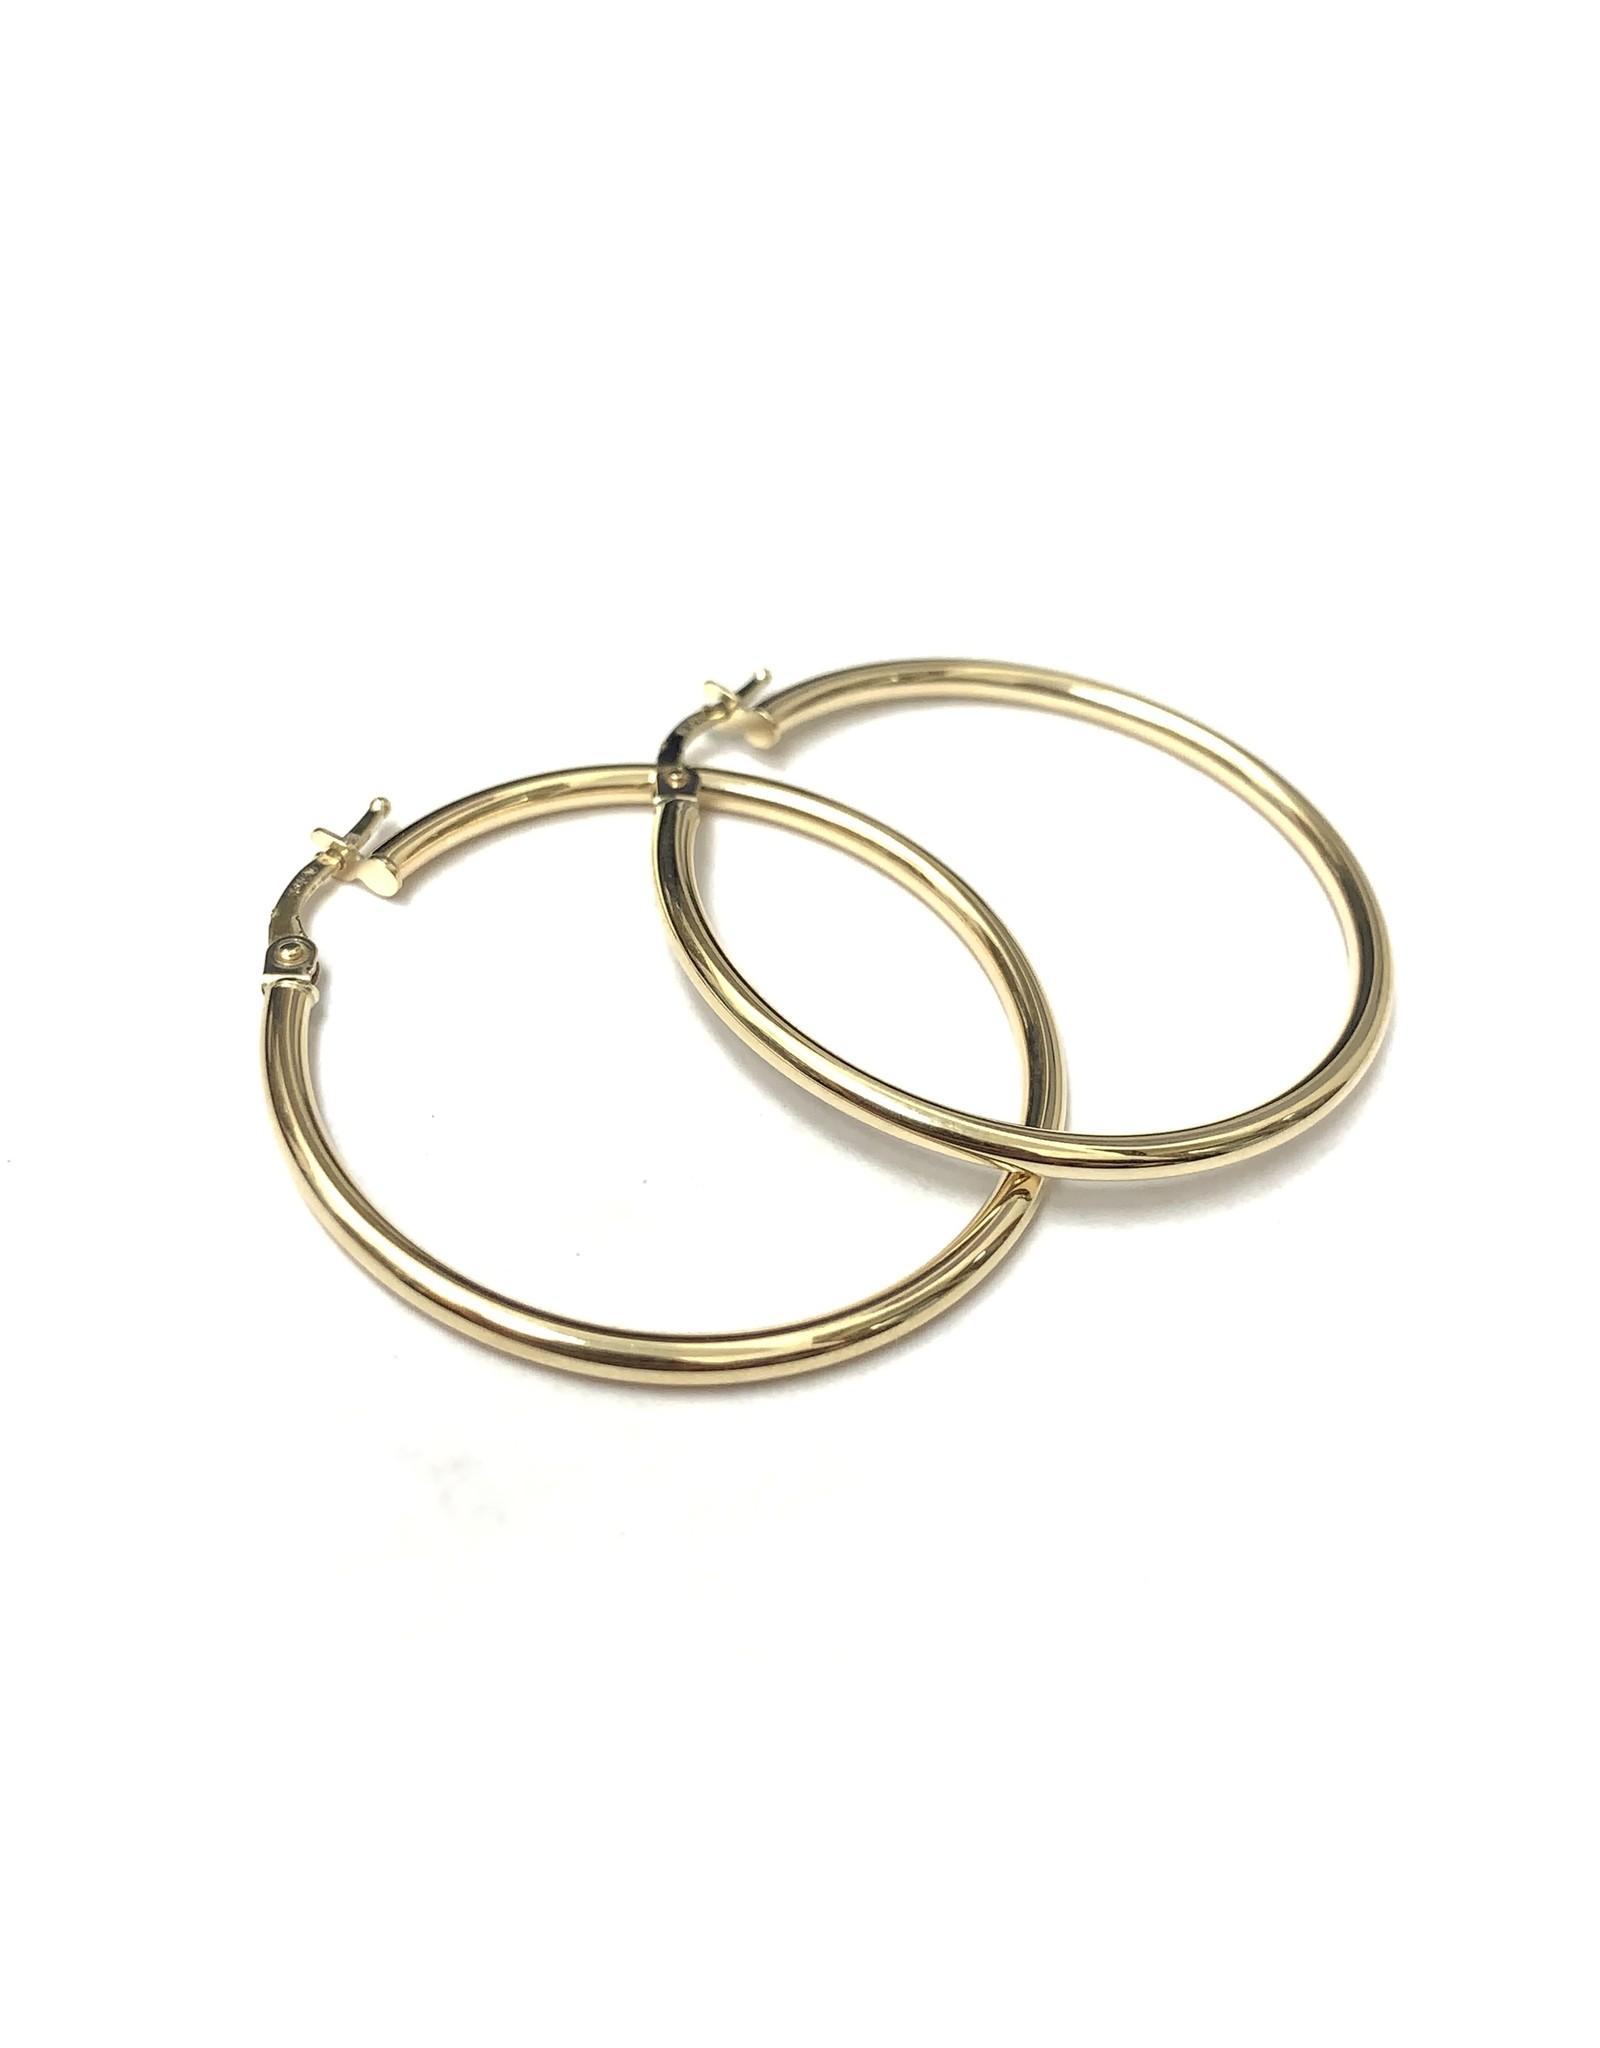 35mm Classic Hoop Earrings 10KY